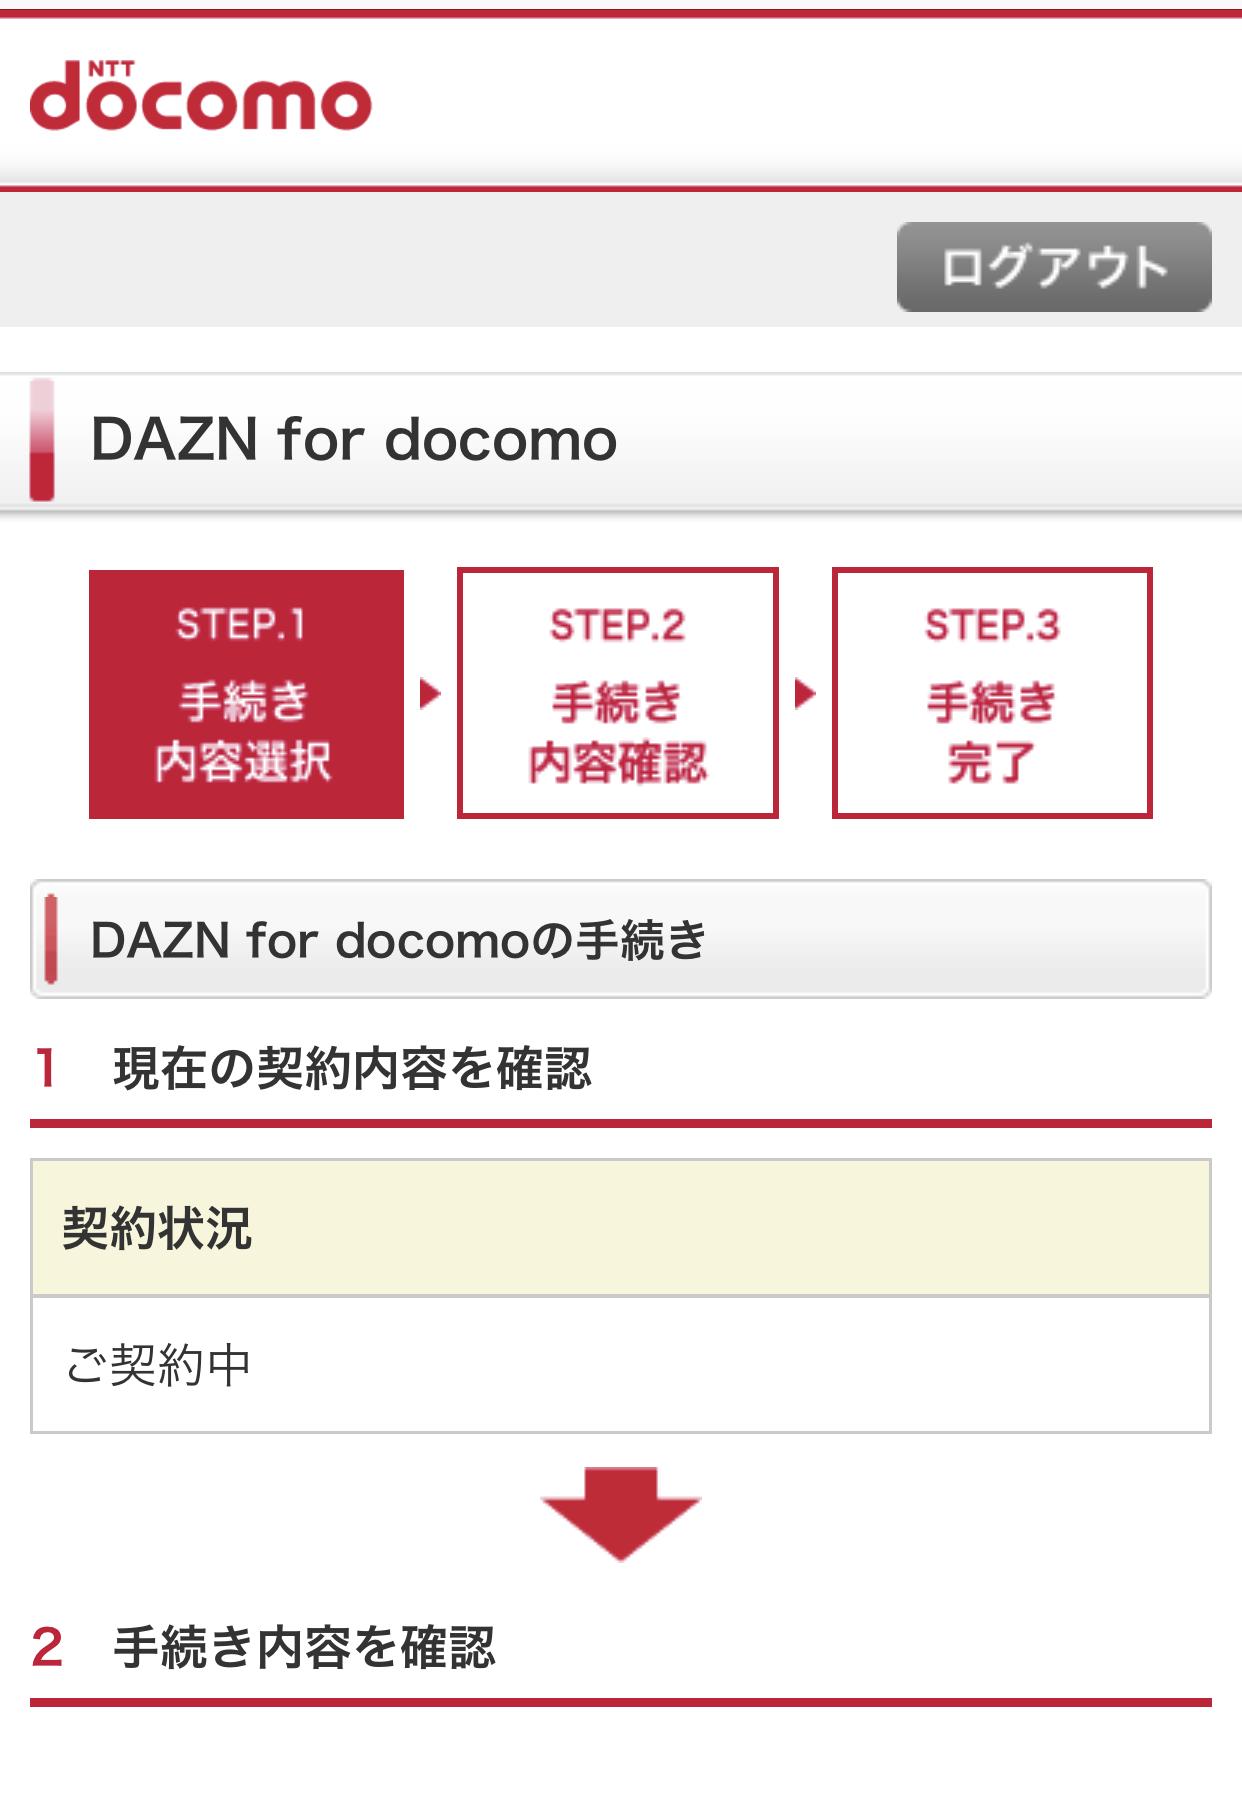 DAZN for docomoの解約確認画面